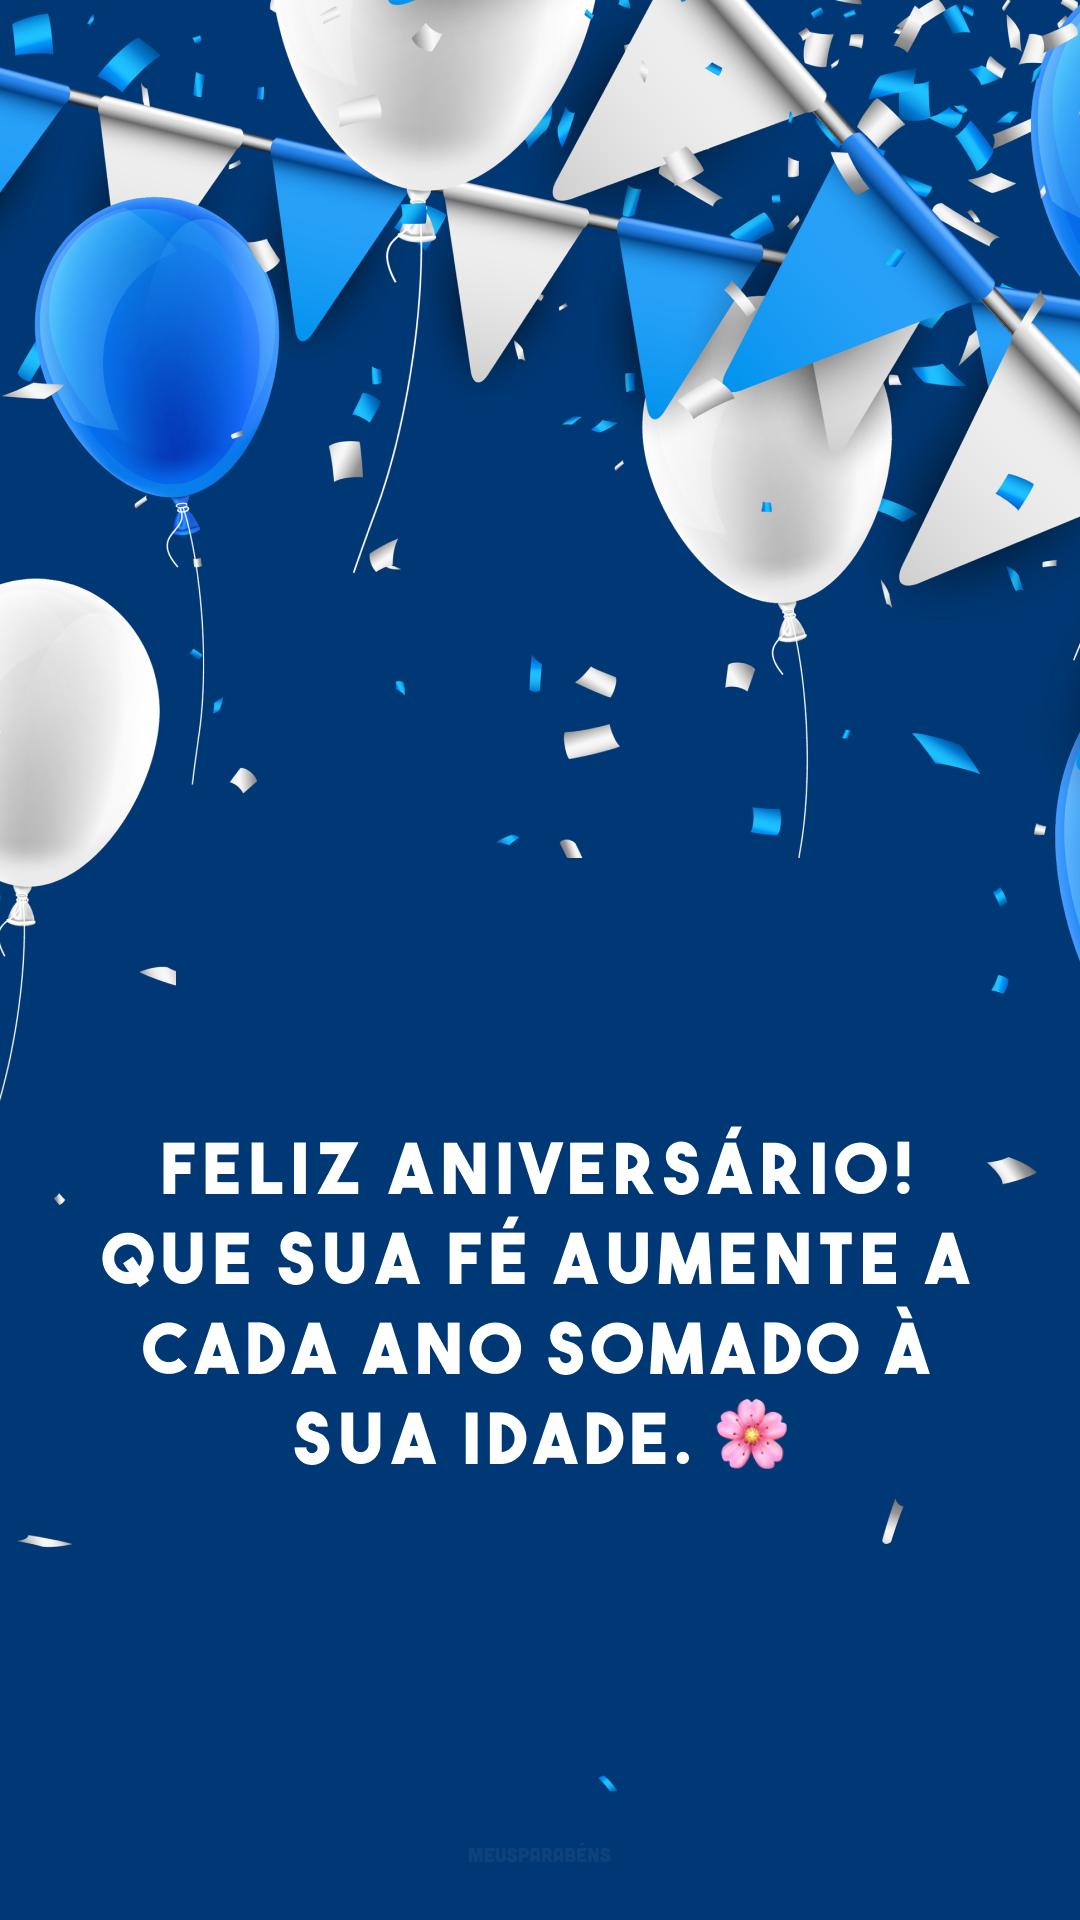 Feliz aniversário! Que sua fé aumente a cada ano somado à sua idade. 🌸